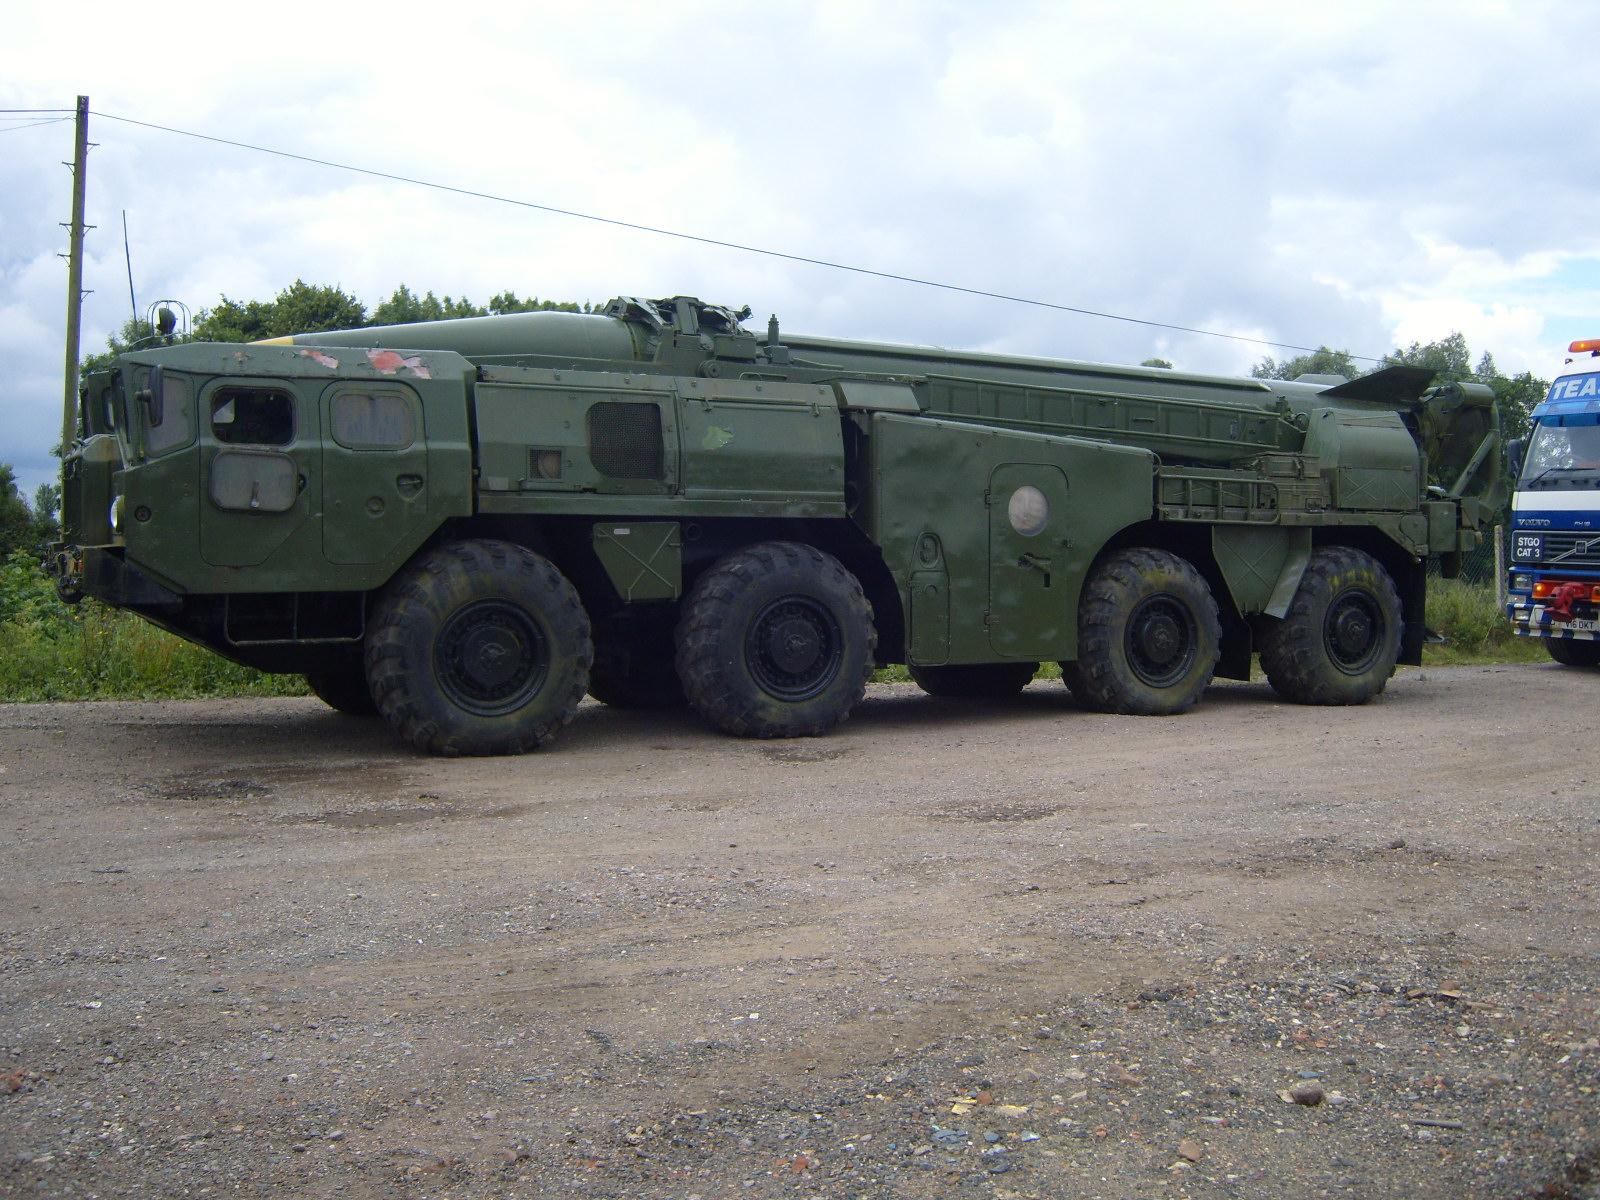 Military Surplus Vehicles For Sale Bbt Com